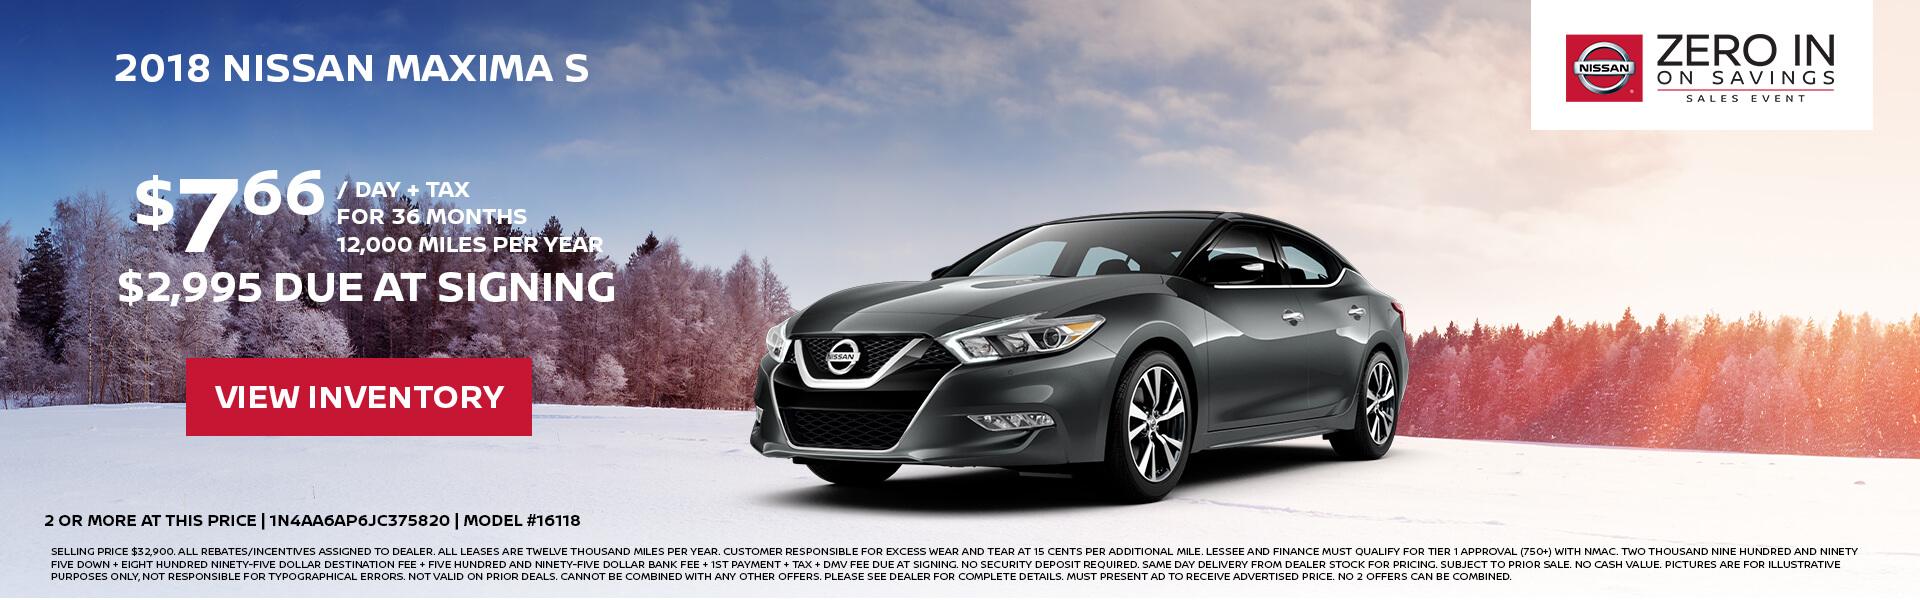 Nissan Maxima $233 Lease